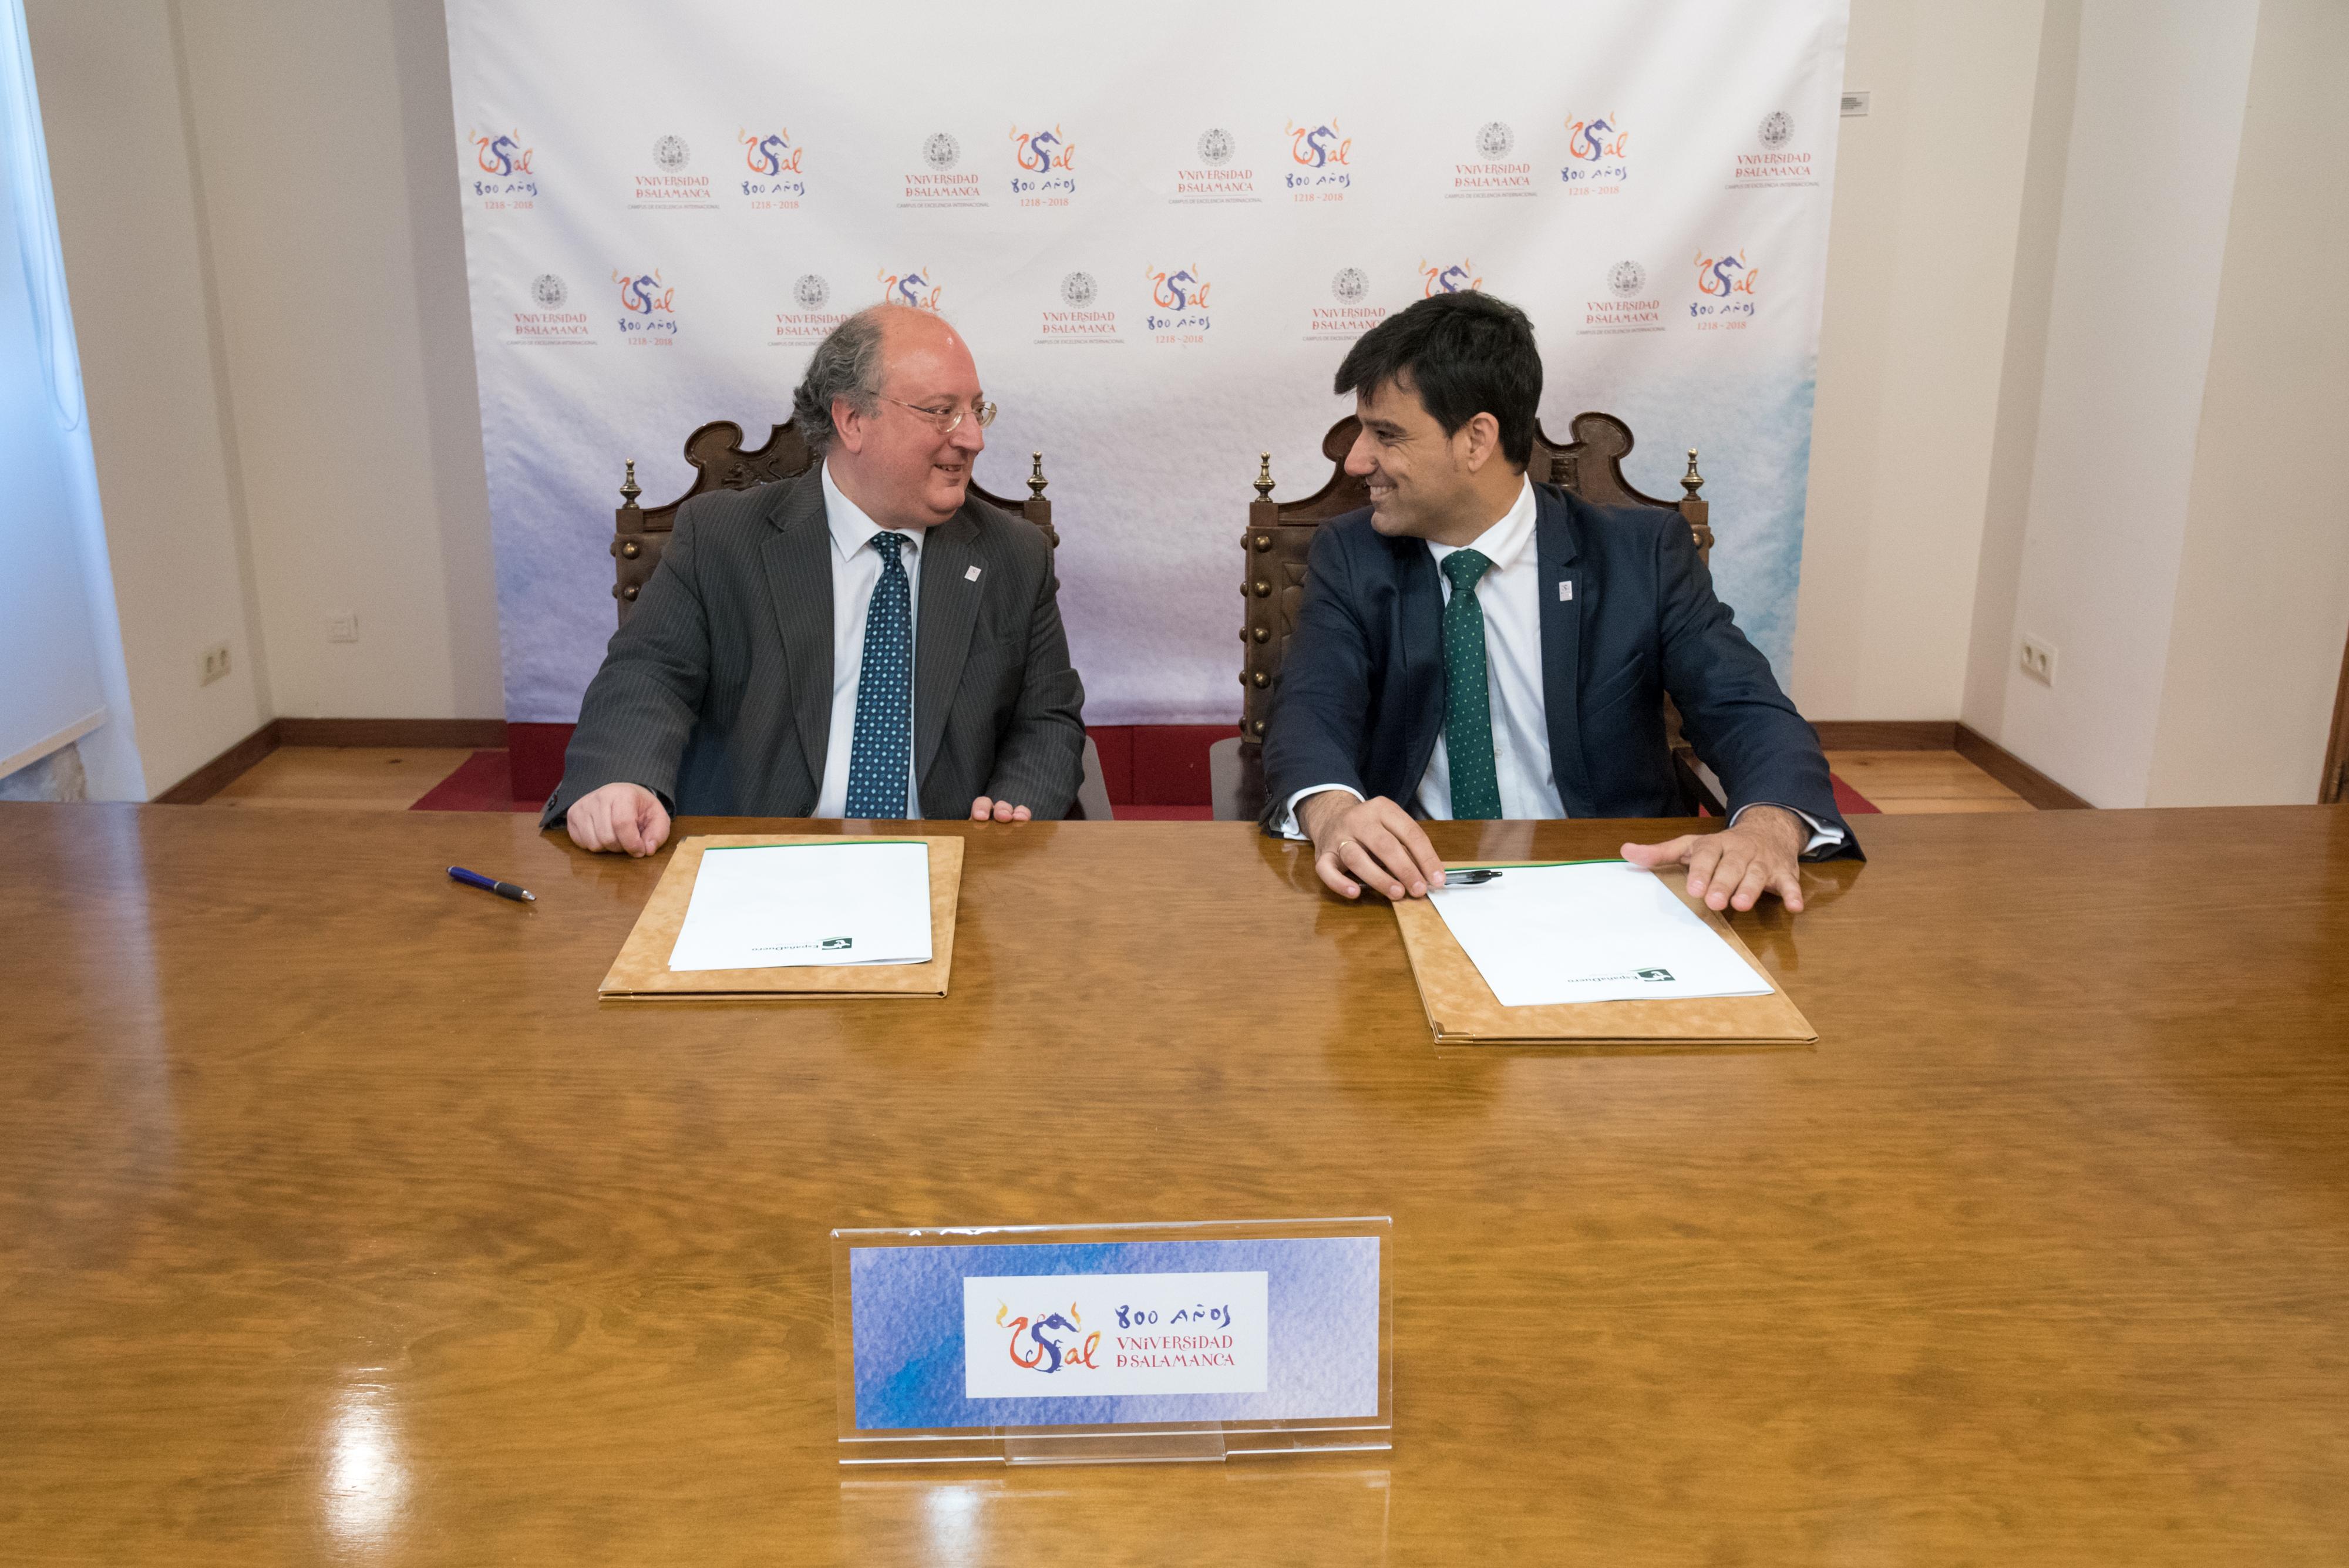 La Universidad de Salamanca y EspañaDuero firman un acuerdo de colaboración con motivo del VIII Centenario